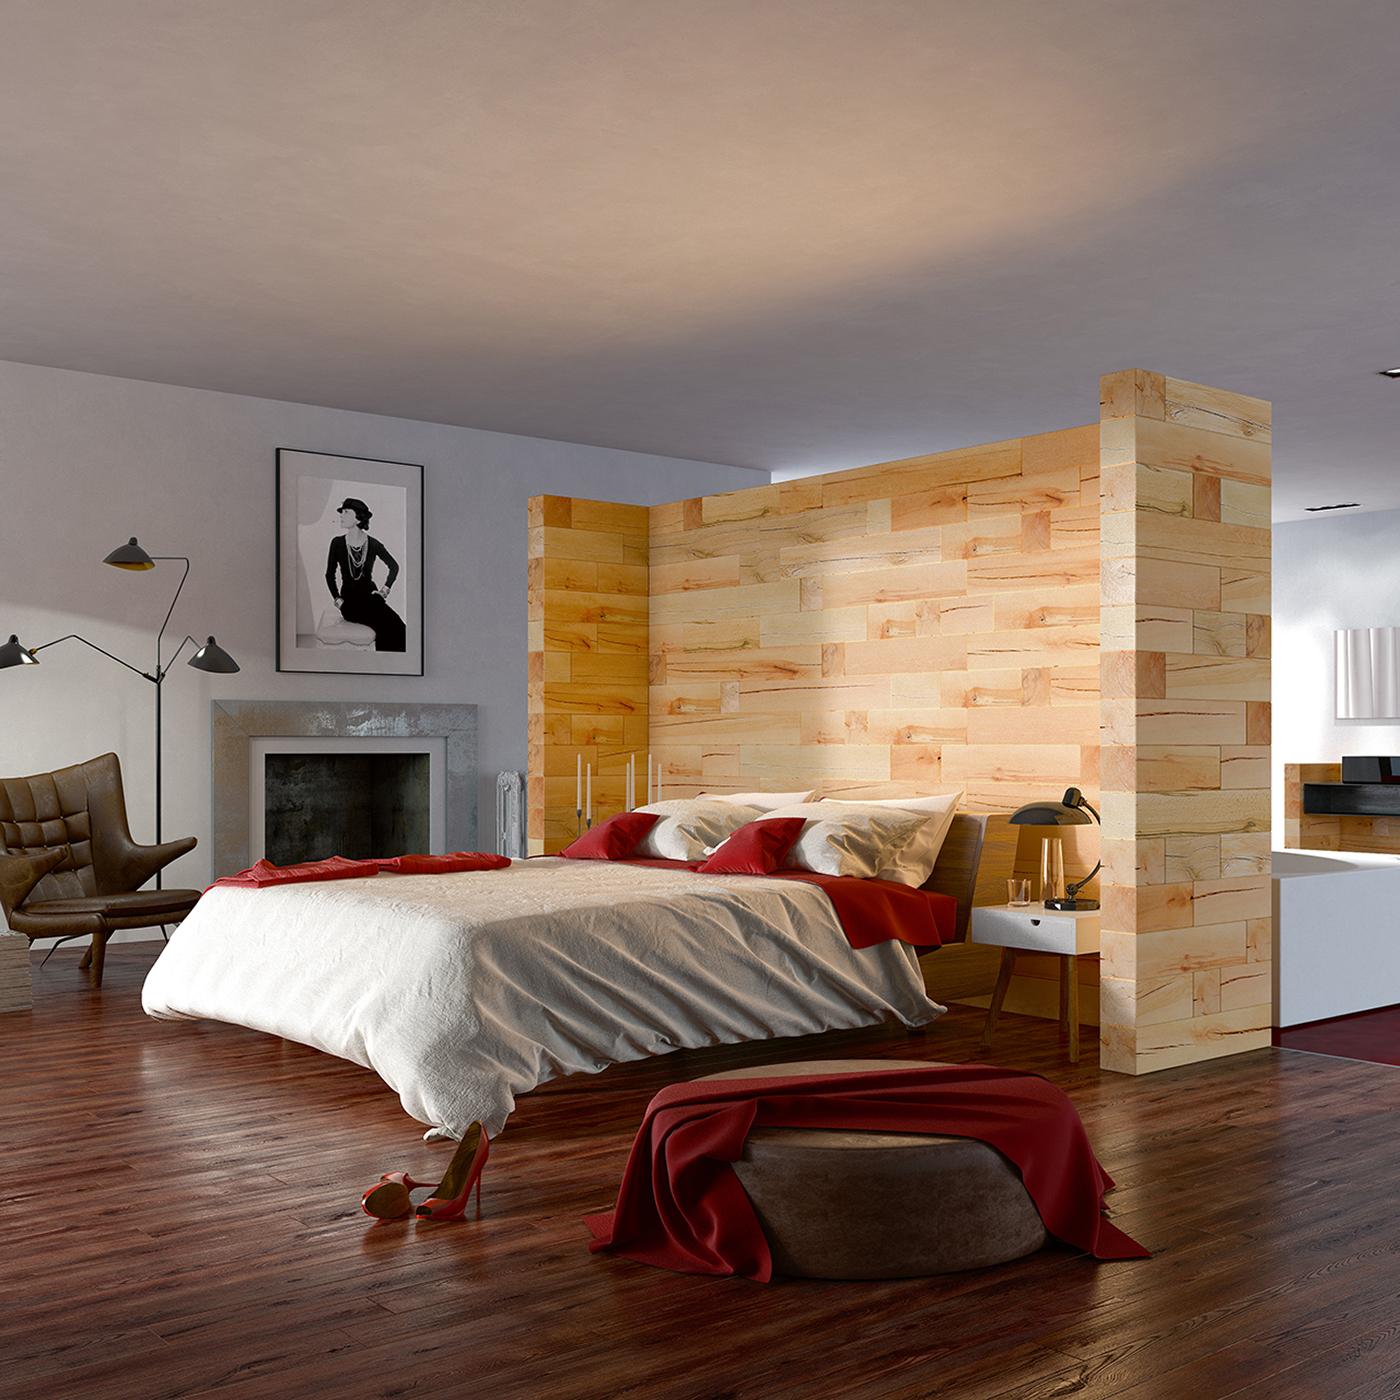 Room divider